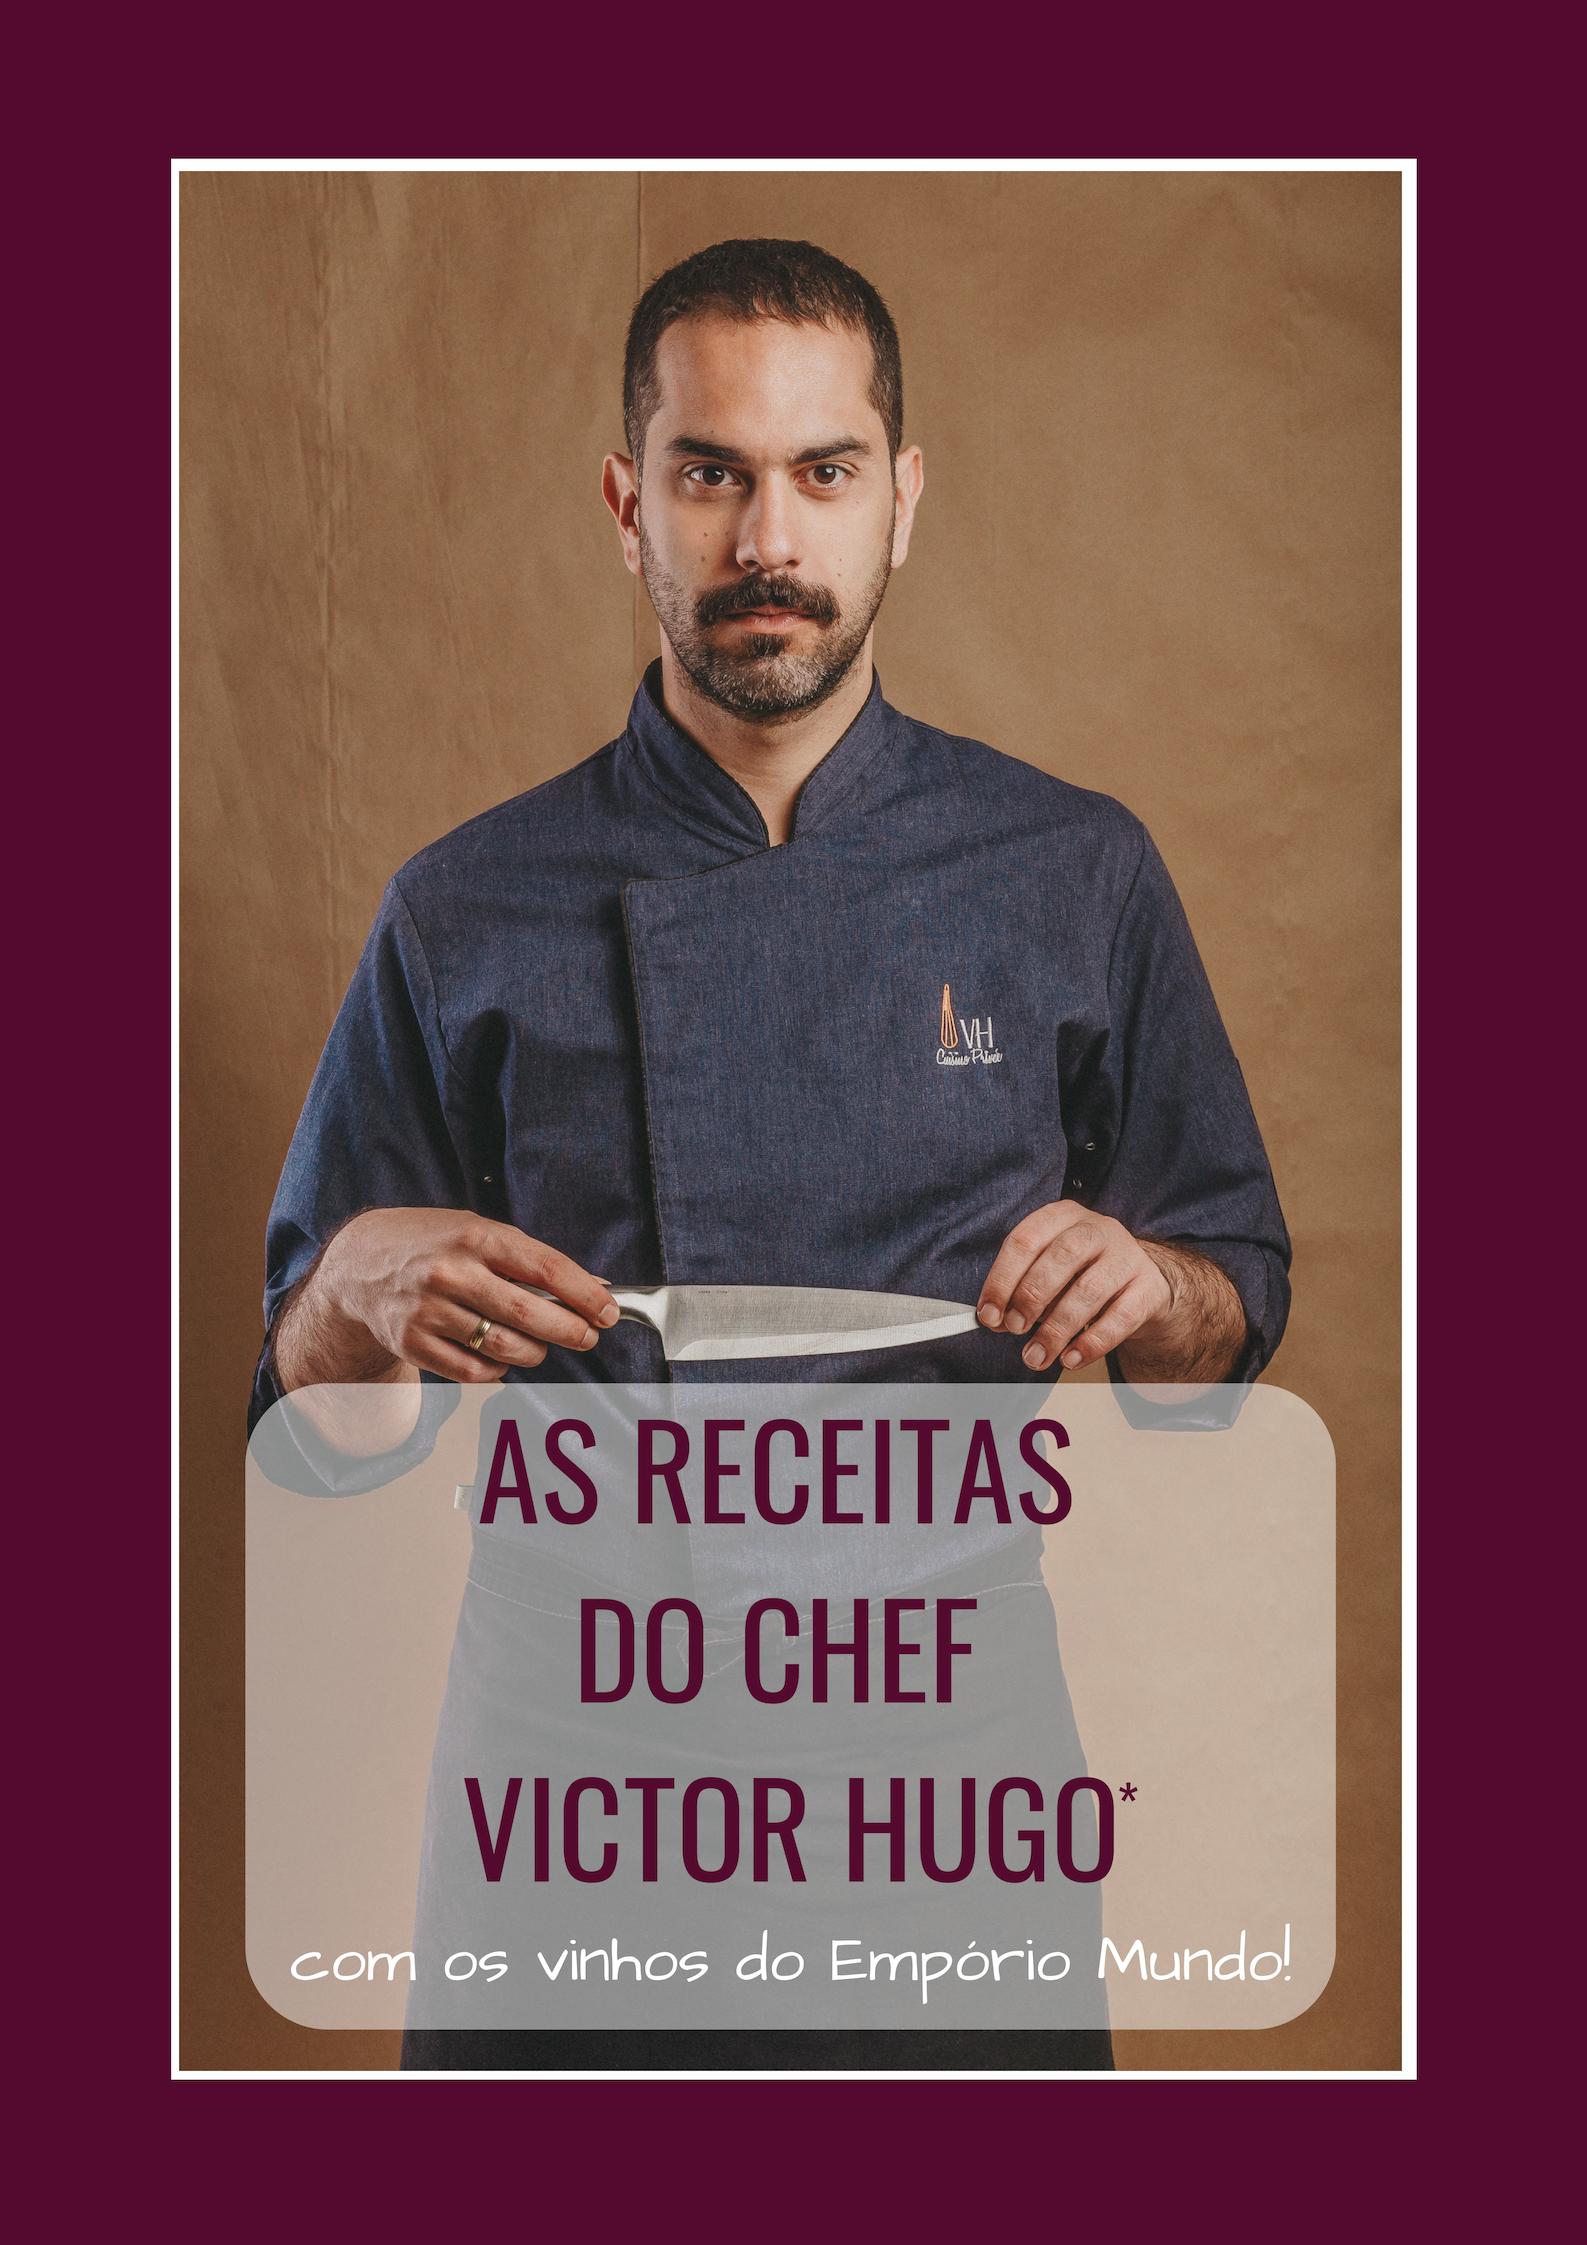 As receitas do Chef Victor Hugo